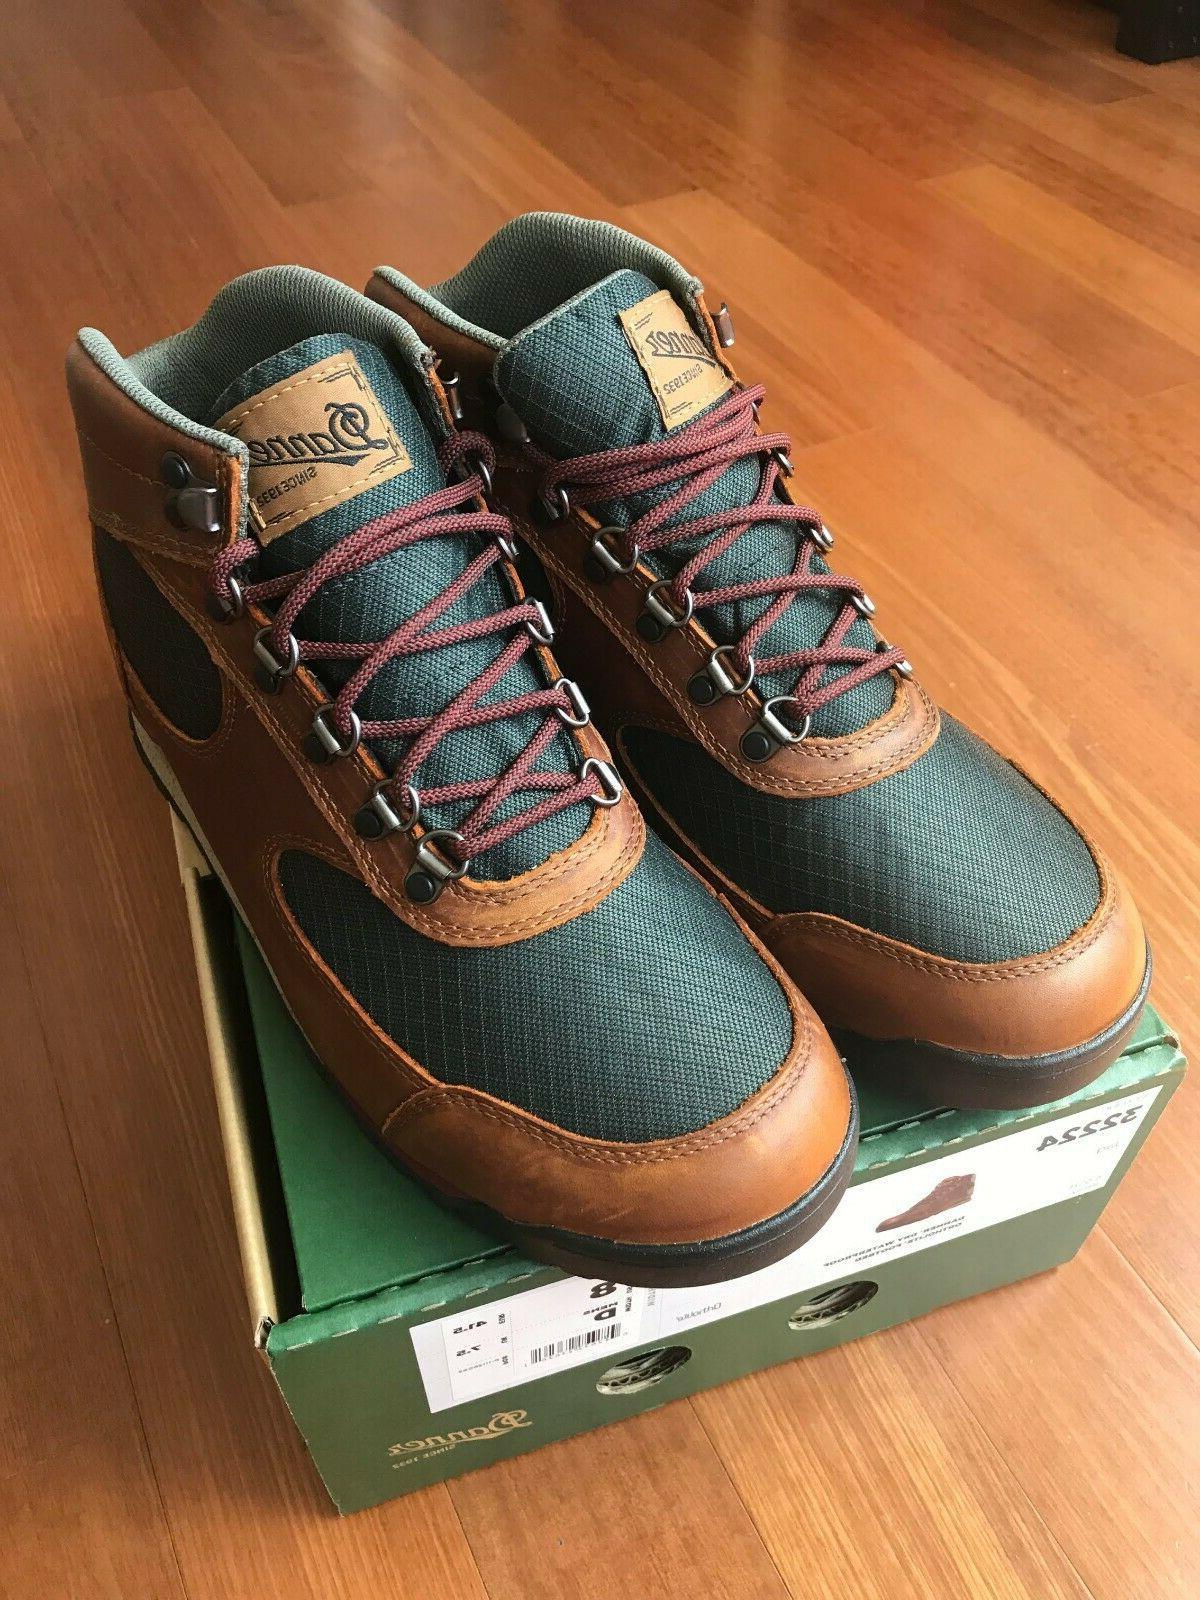 jag 4 5 waterproof hiking boots barley